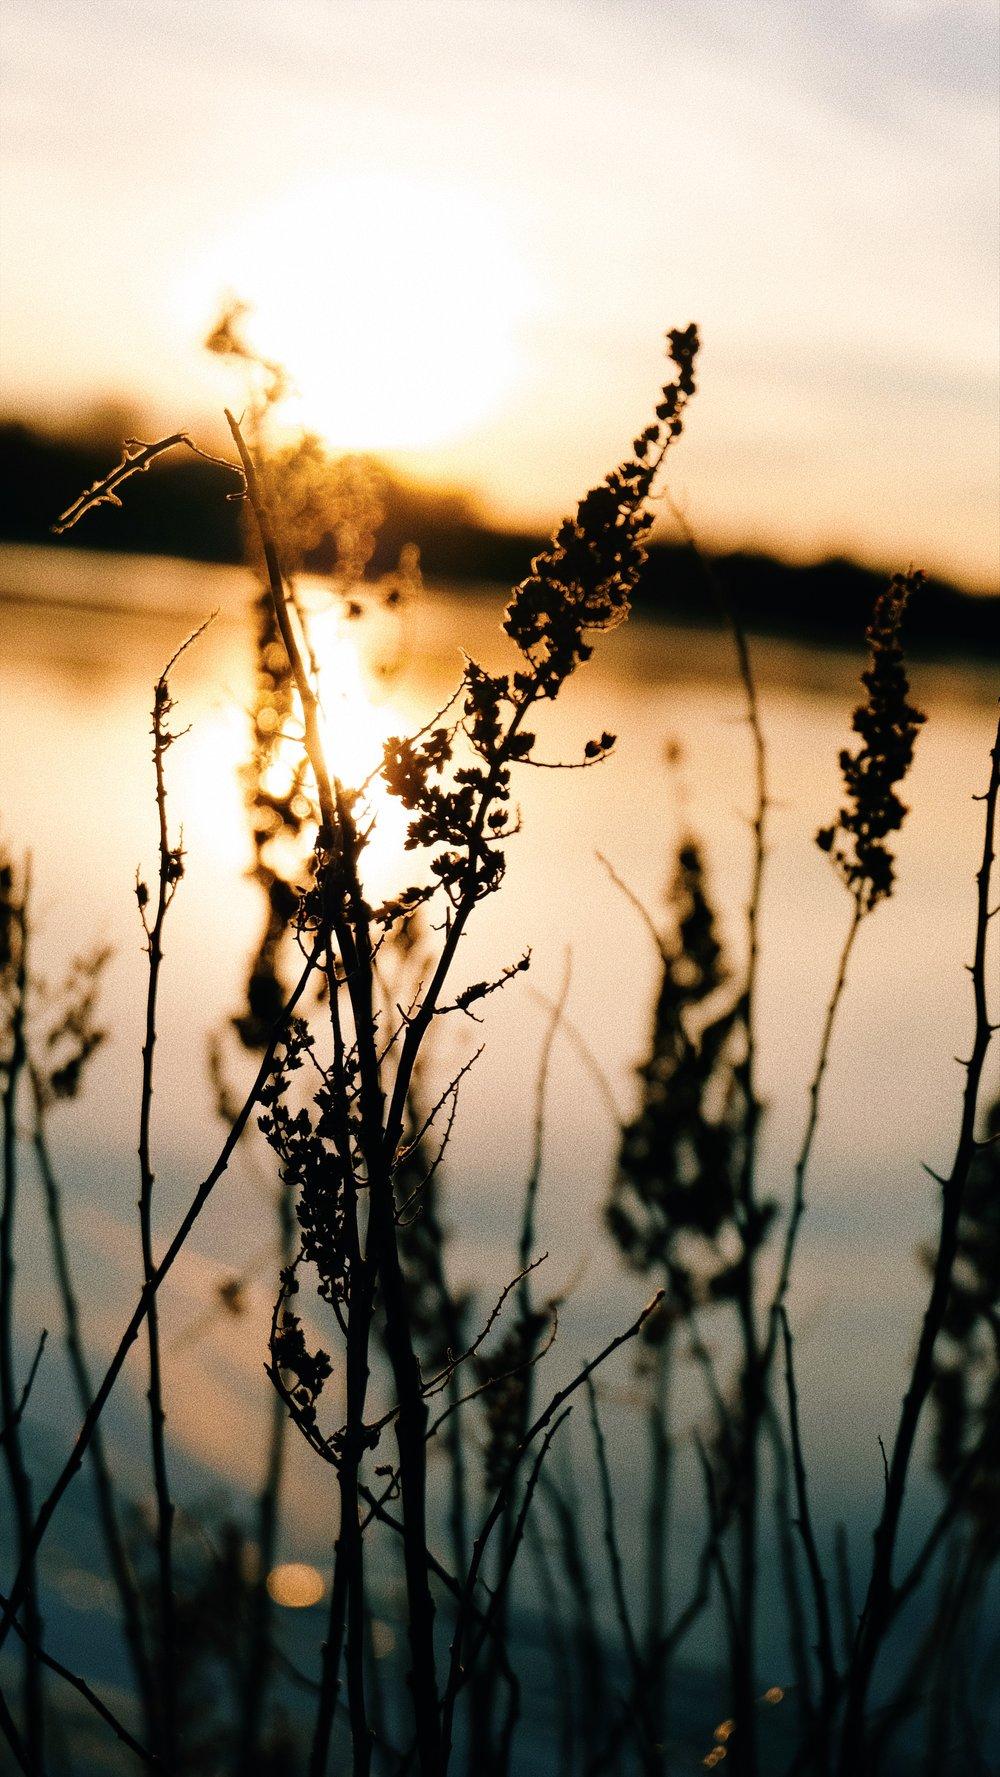 golden-hour-sun-lake-grass.JPG